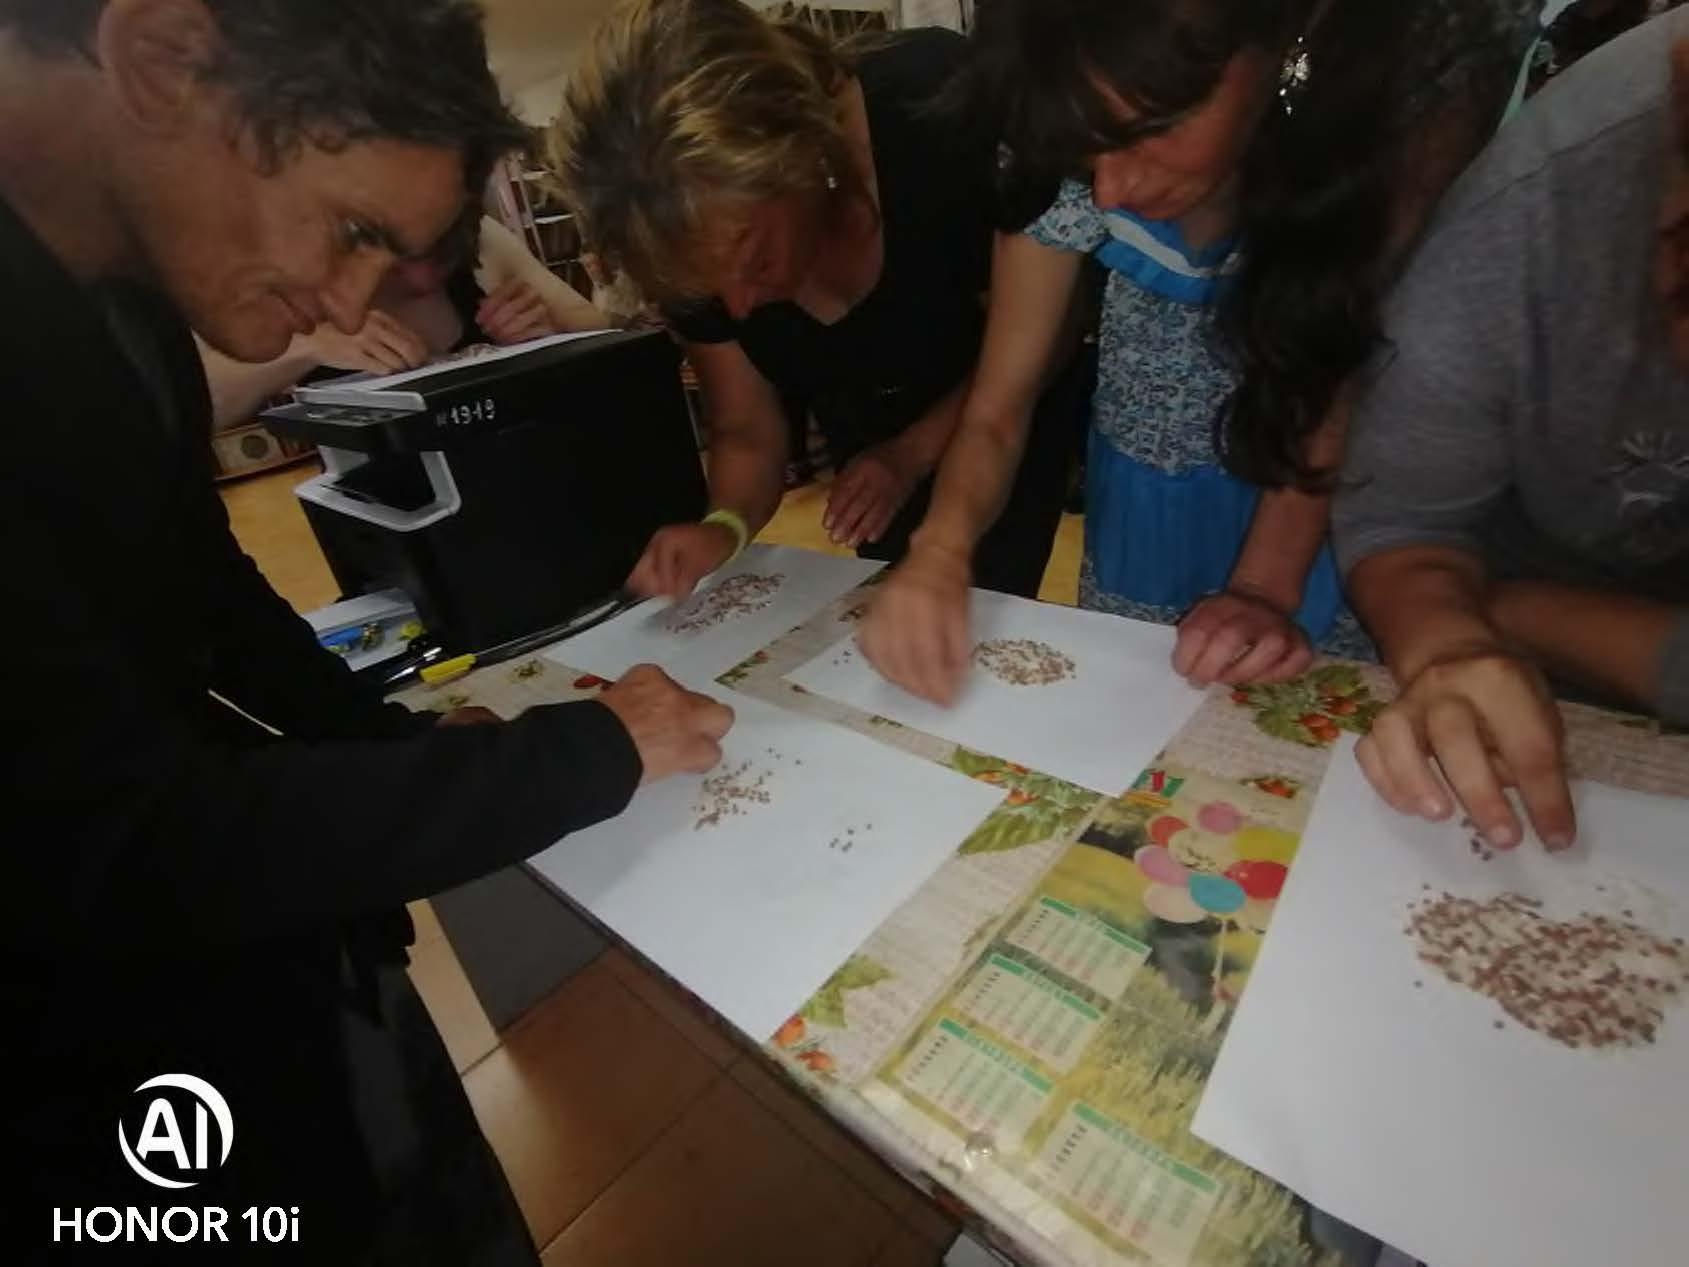 Всемирный День Красоты отметили жители Мухинского психоневрологического интерната 9 сентября